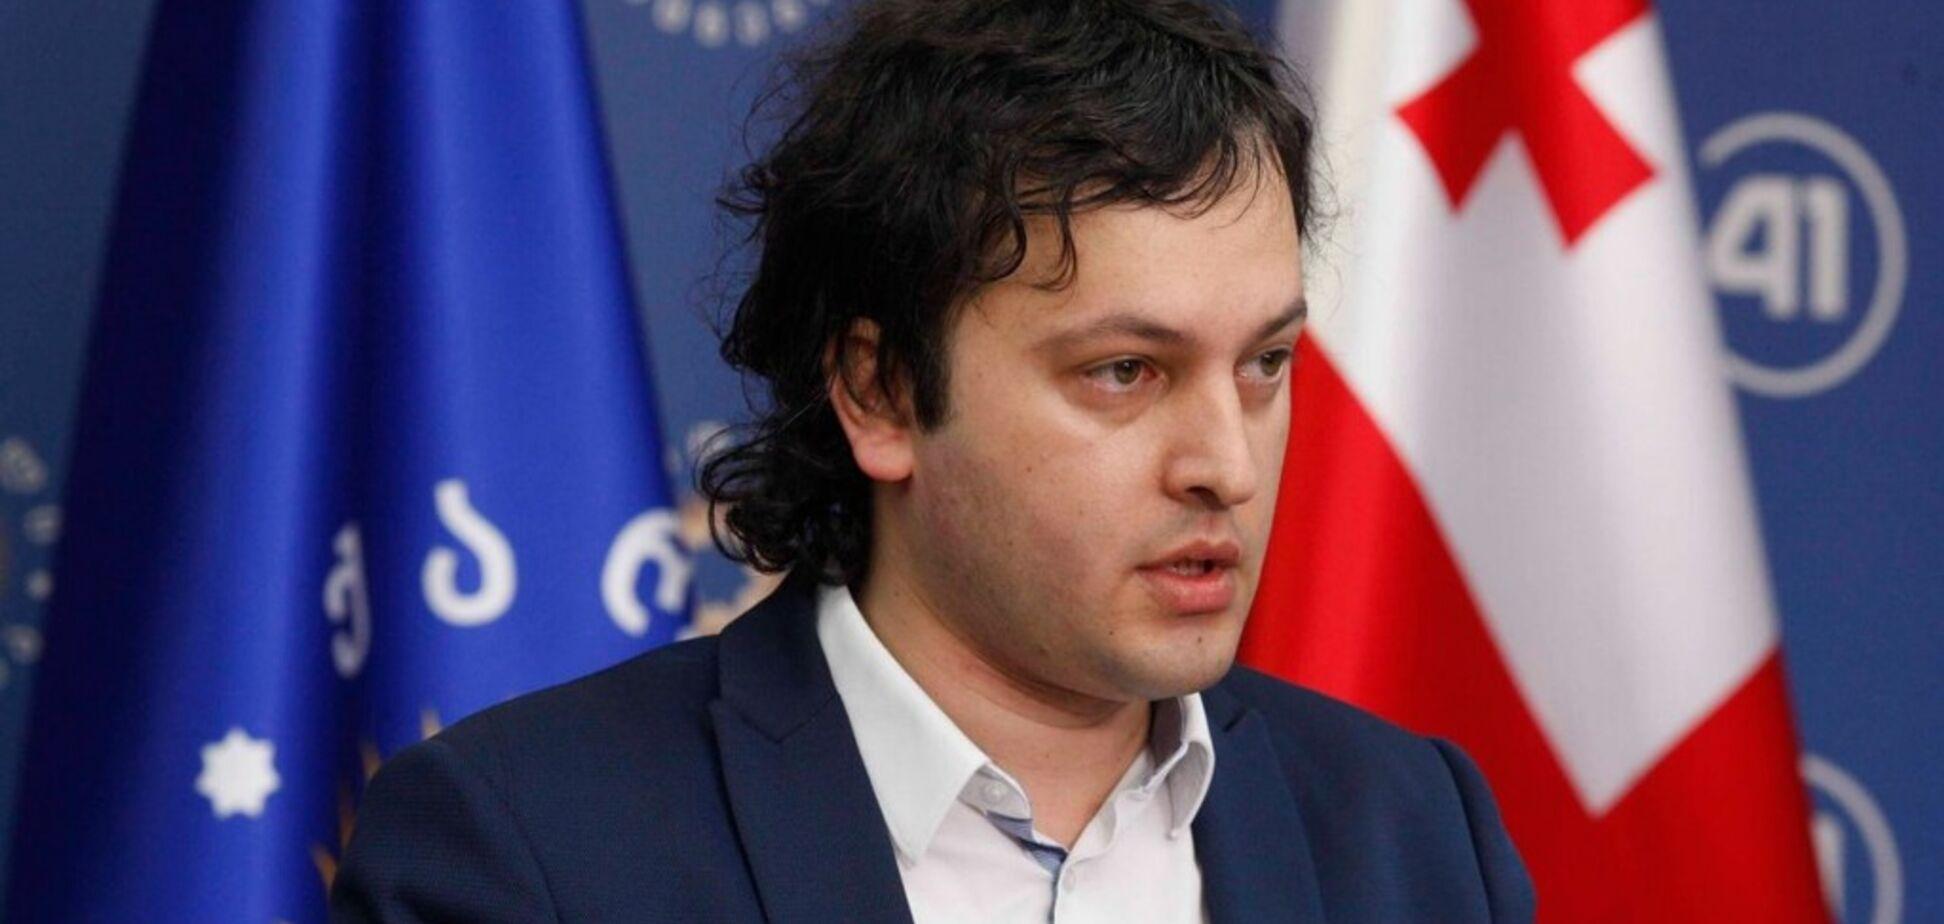 Протести в Грузії призвели до перших відставок і кадрових рішень